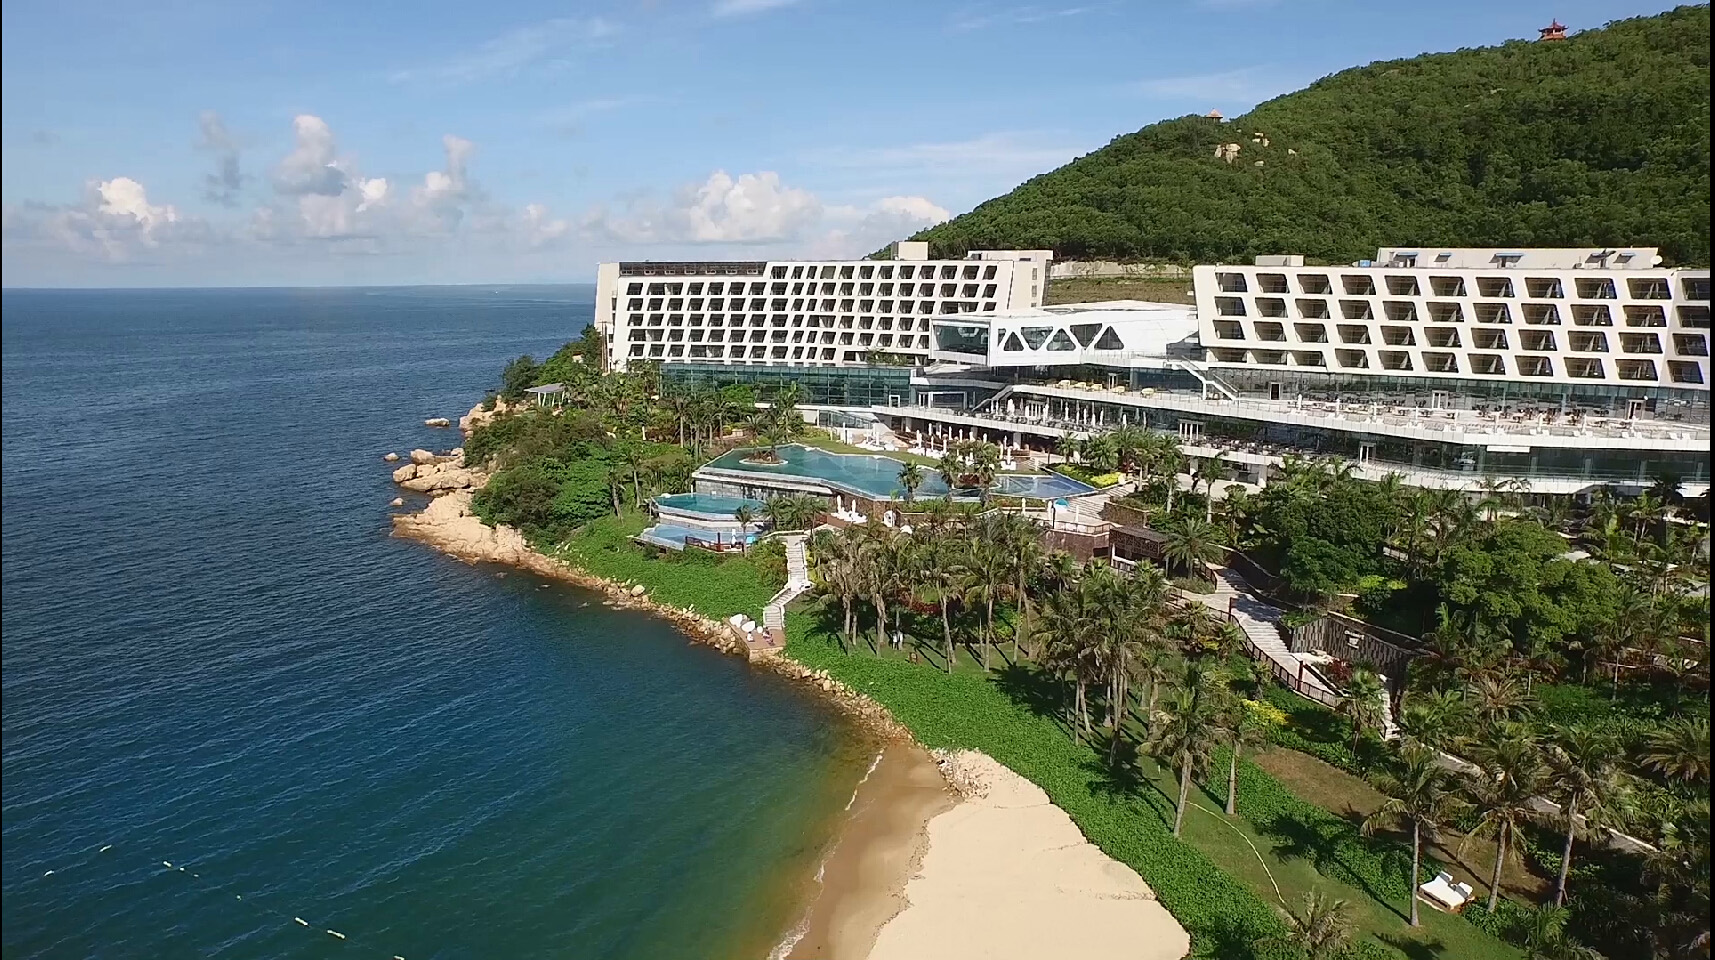 酒店,以海洋温泉为主题,国家首个休闲旅游度假示范区——珠海海泉湾